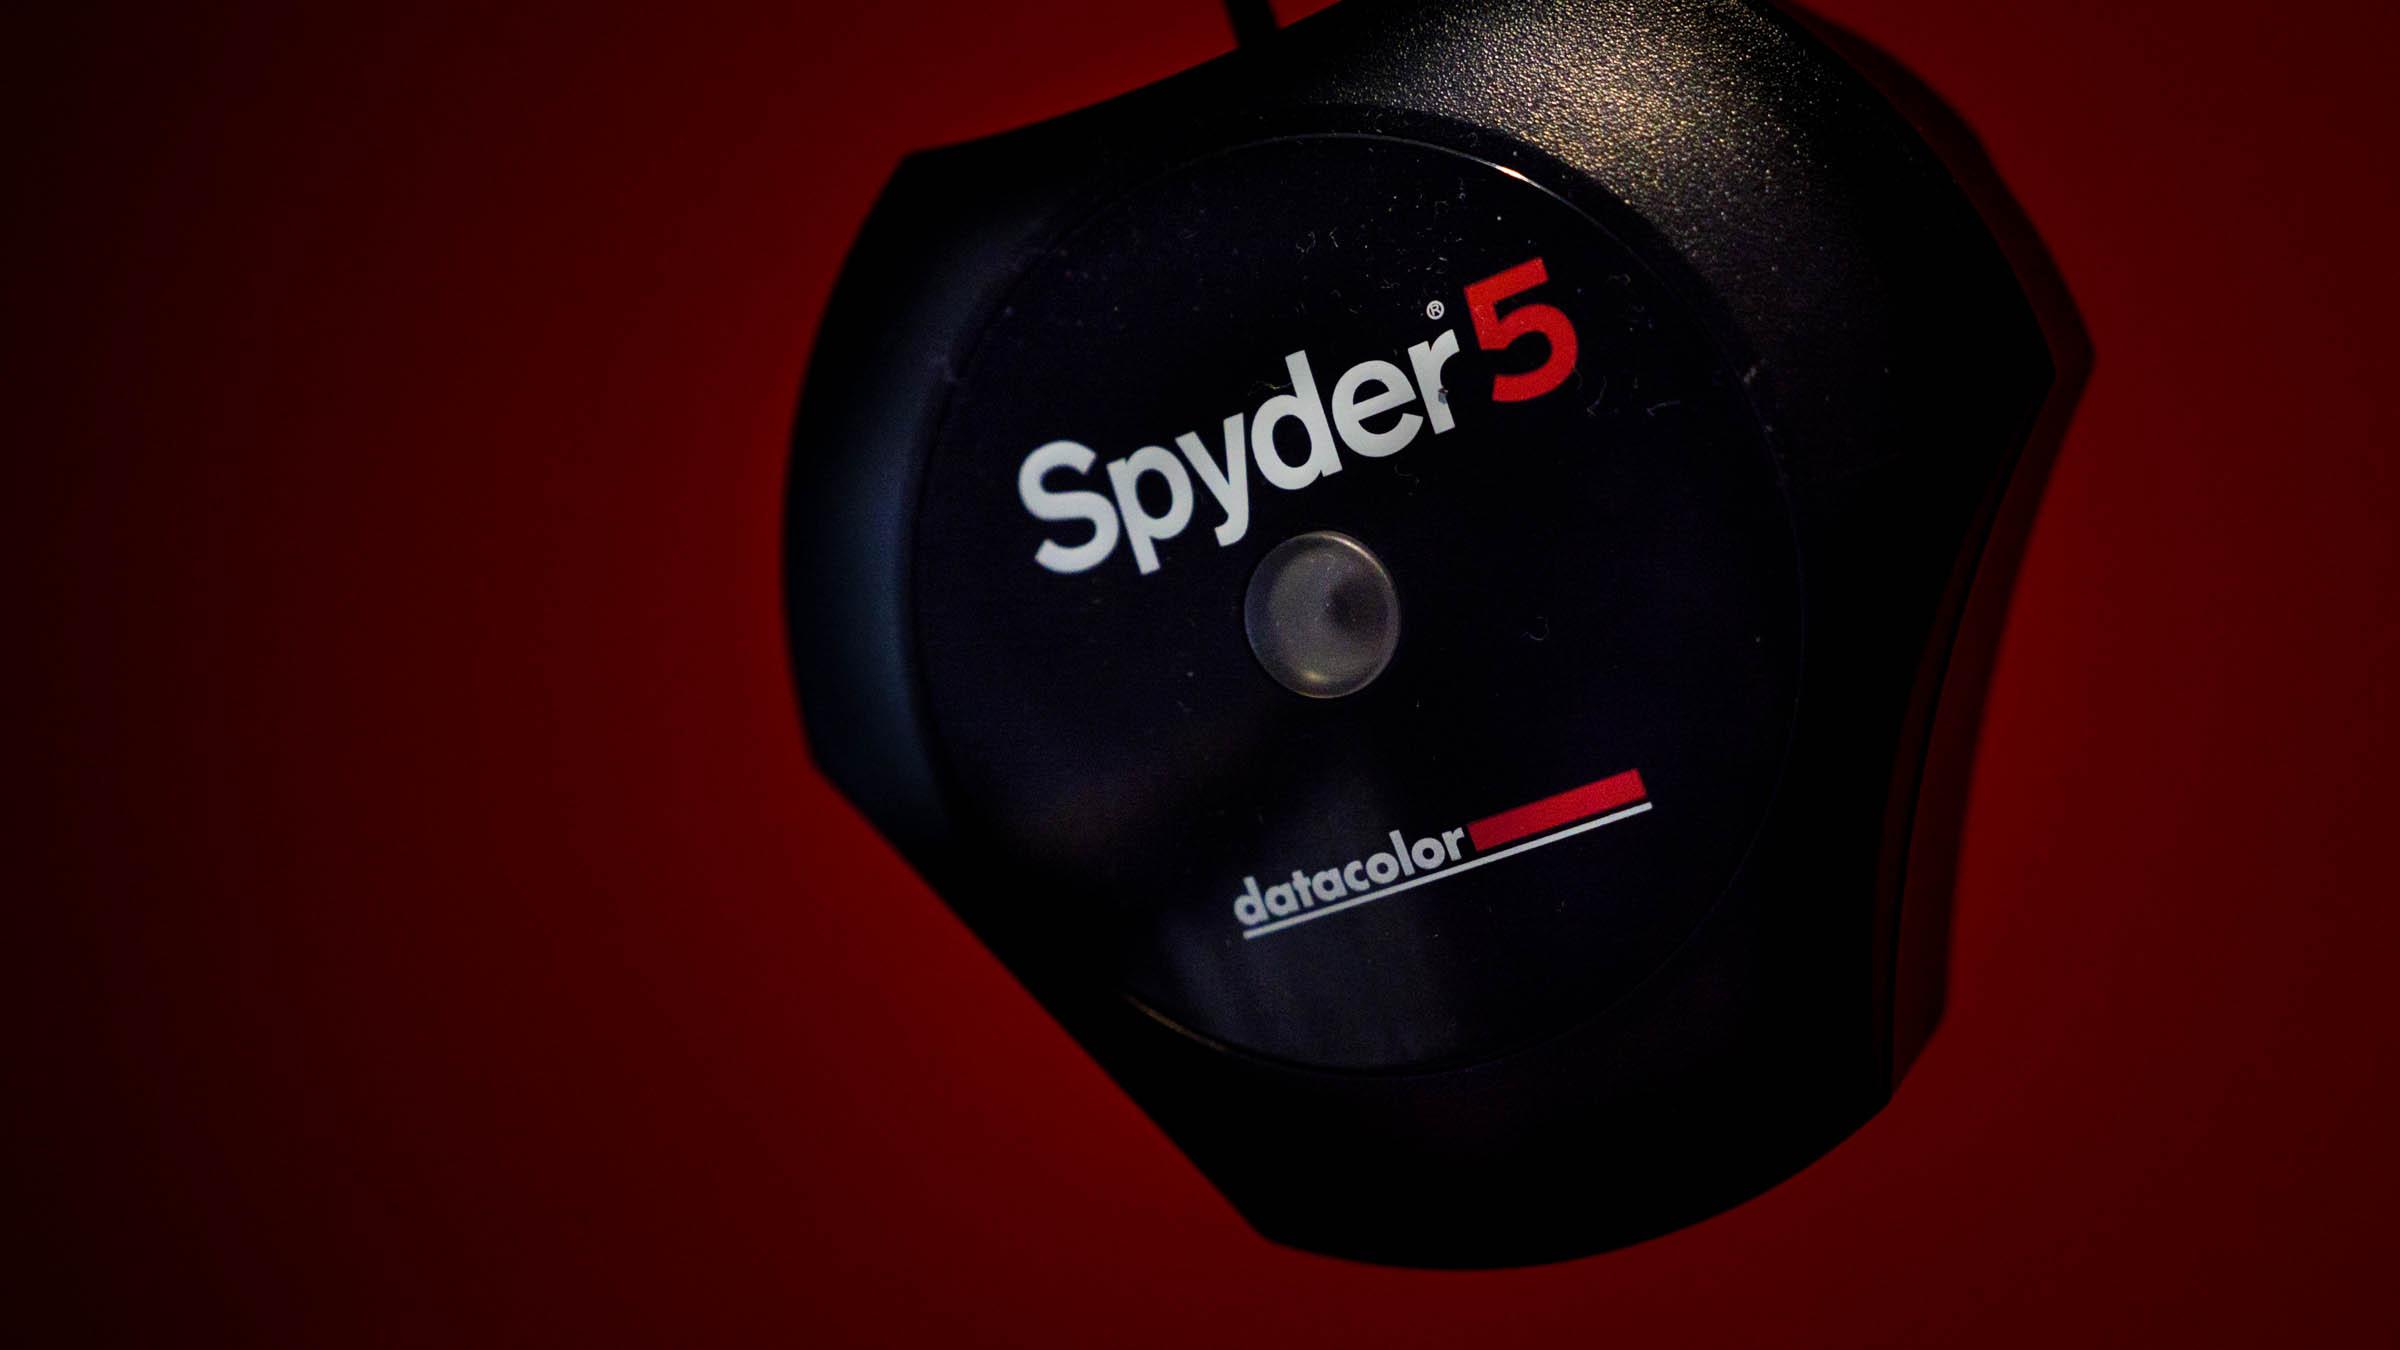 Spyder5 Device